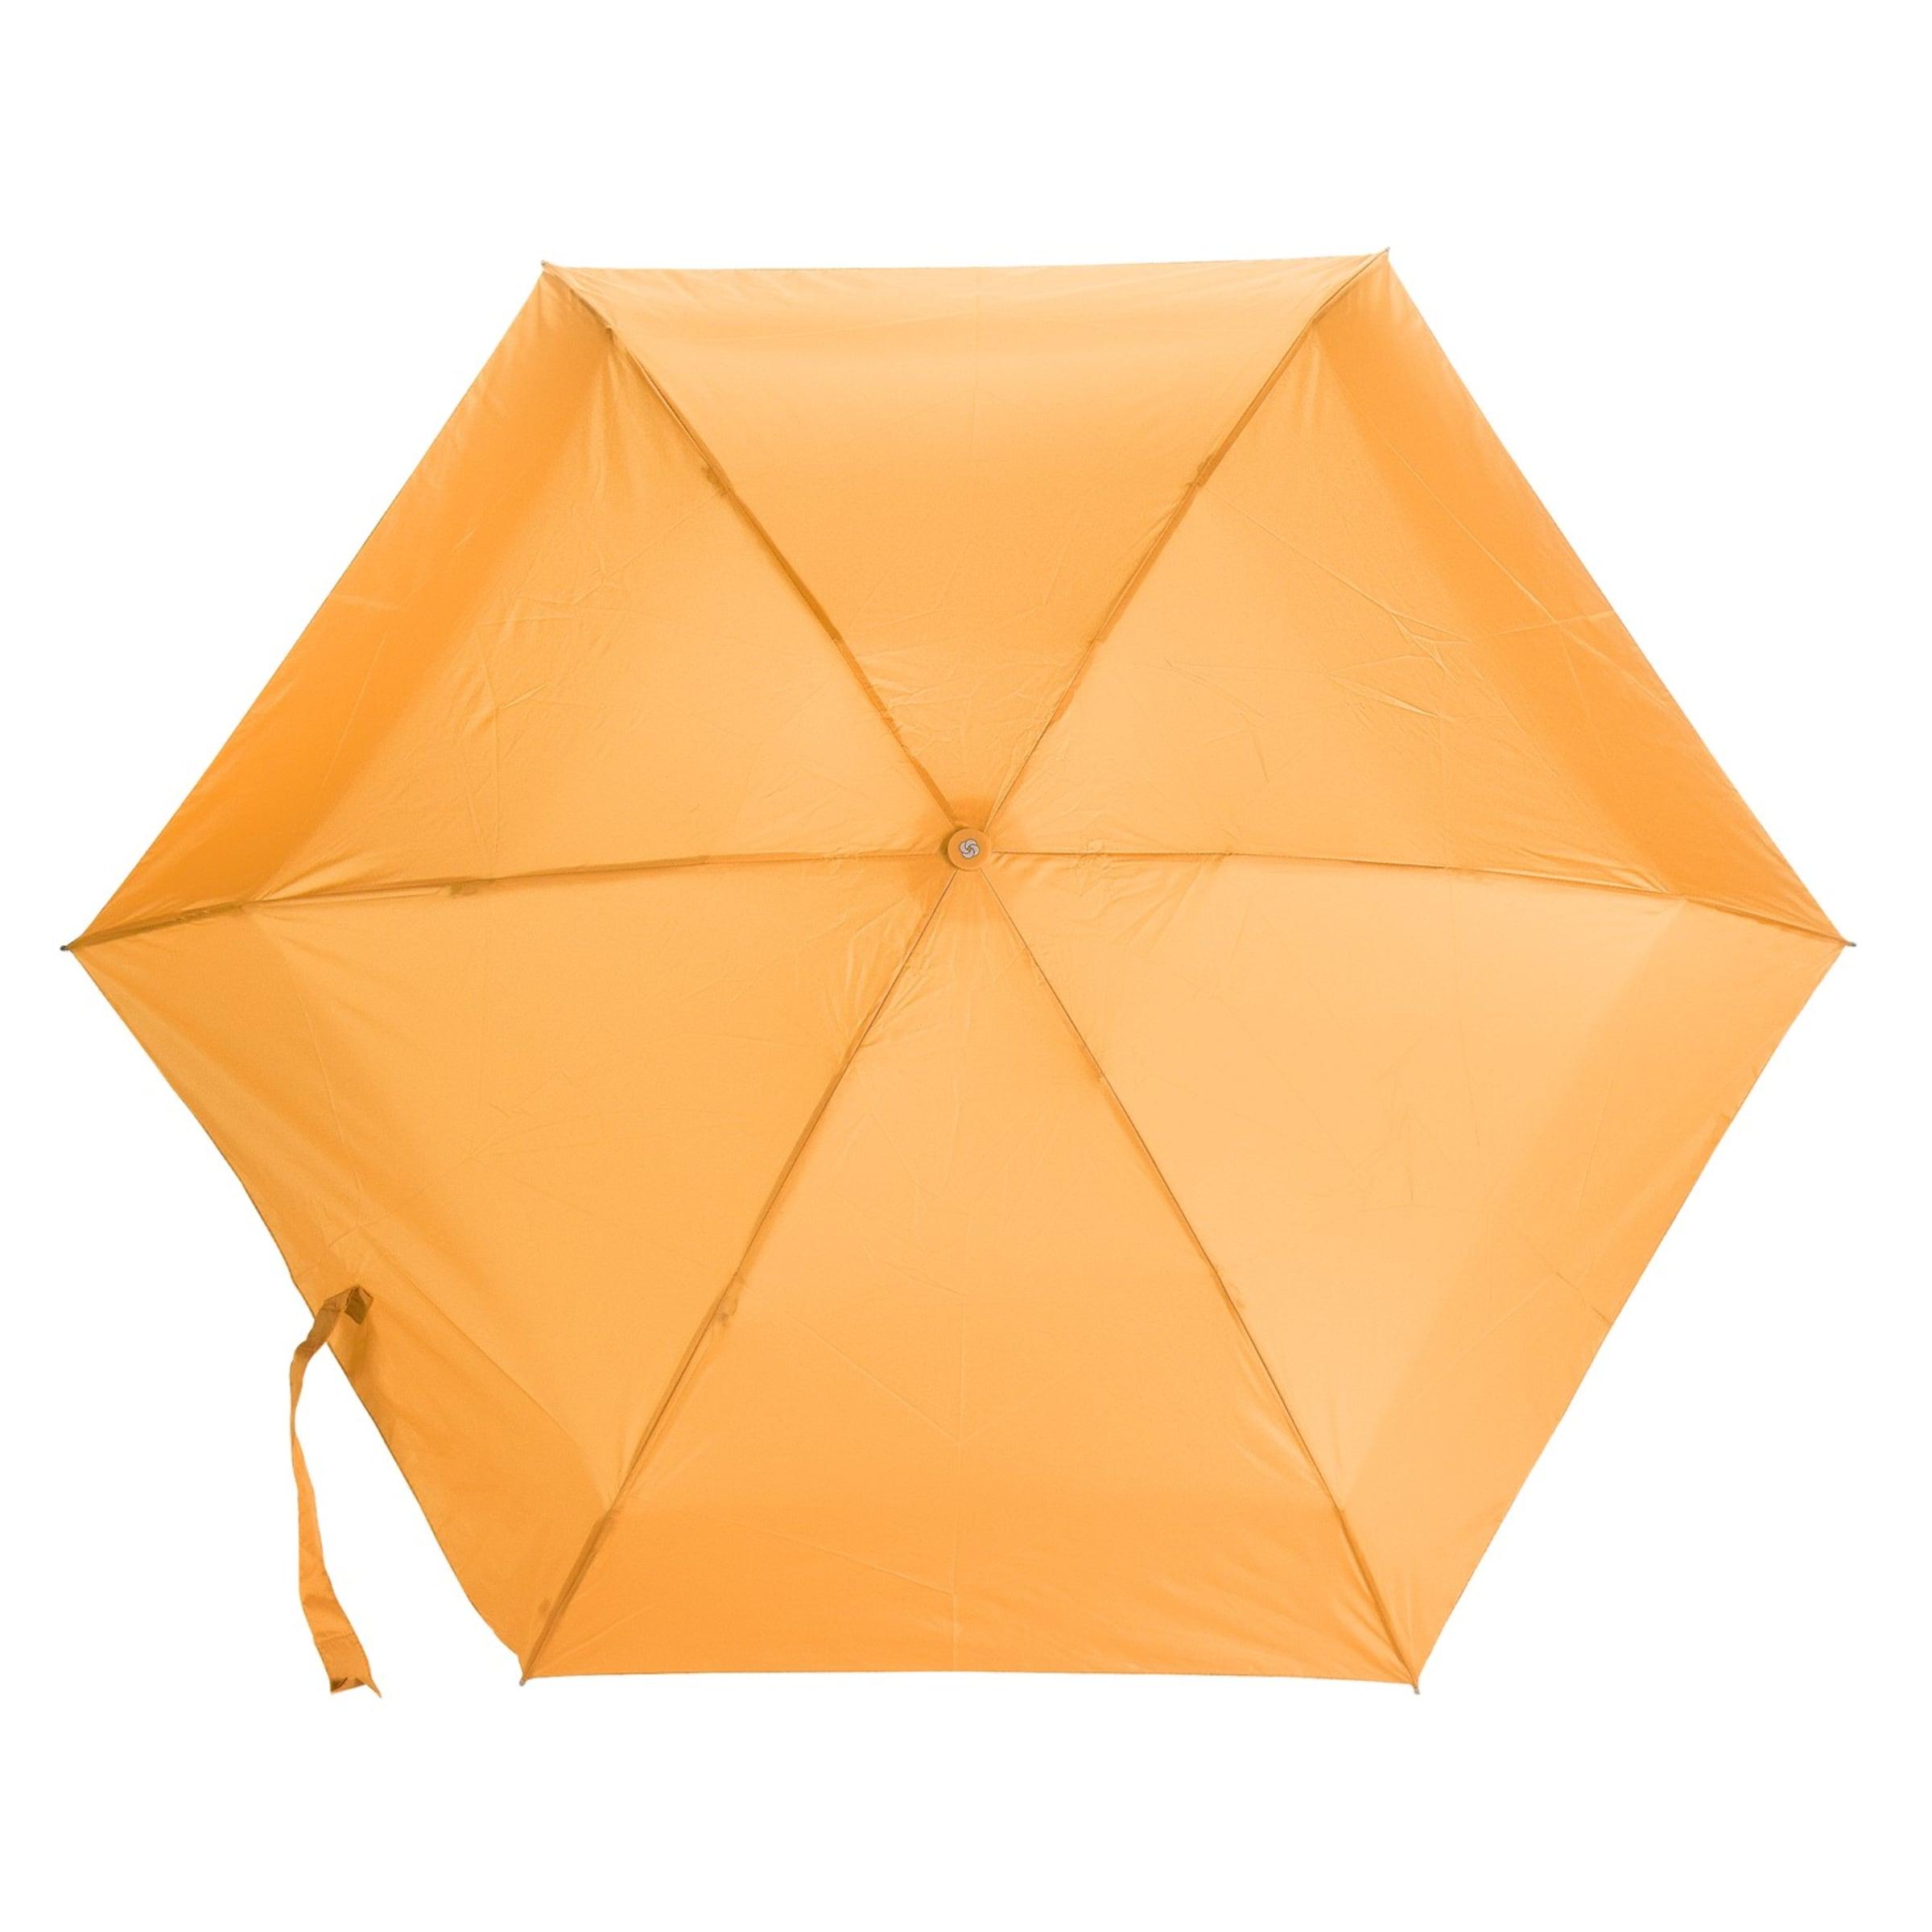 Mode-Stil Günstig Online SAMSONITE Minipli Colori Taschenschirm 17 cm Spielraum Sehr Billig Fälschung Günstiger Preis Freies Verschiffen Niedrigsten Preis zyqXNjqU